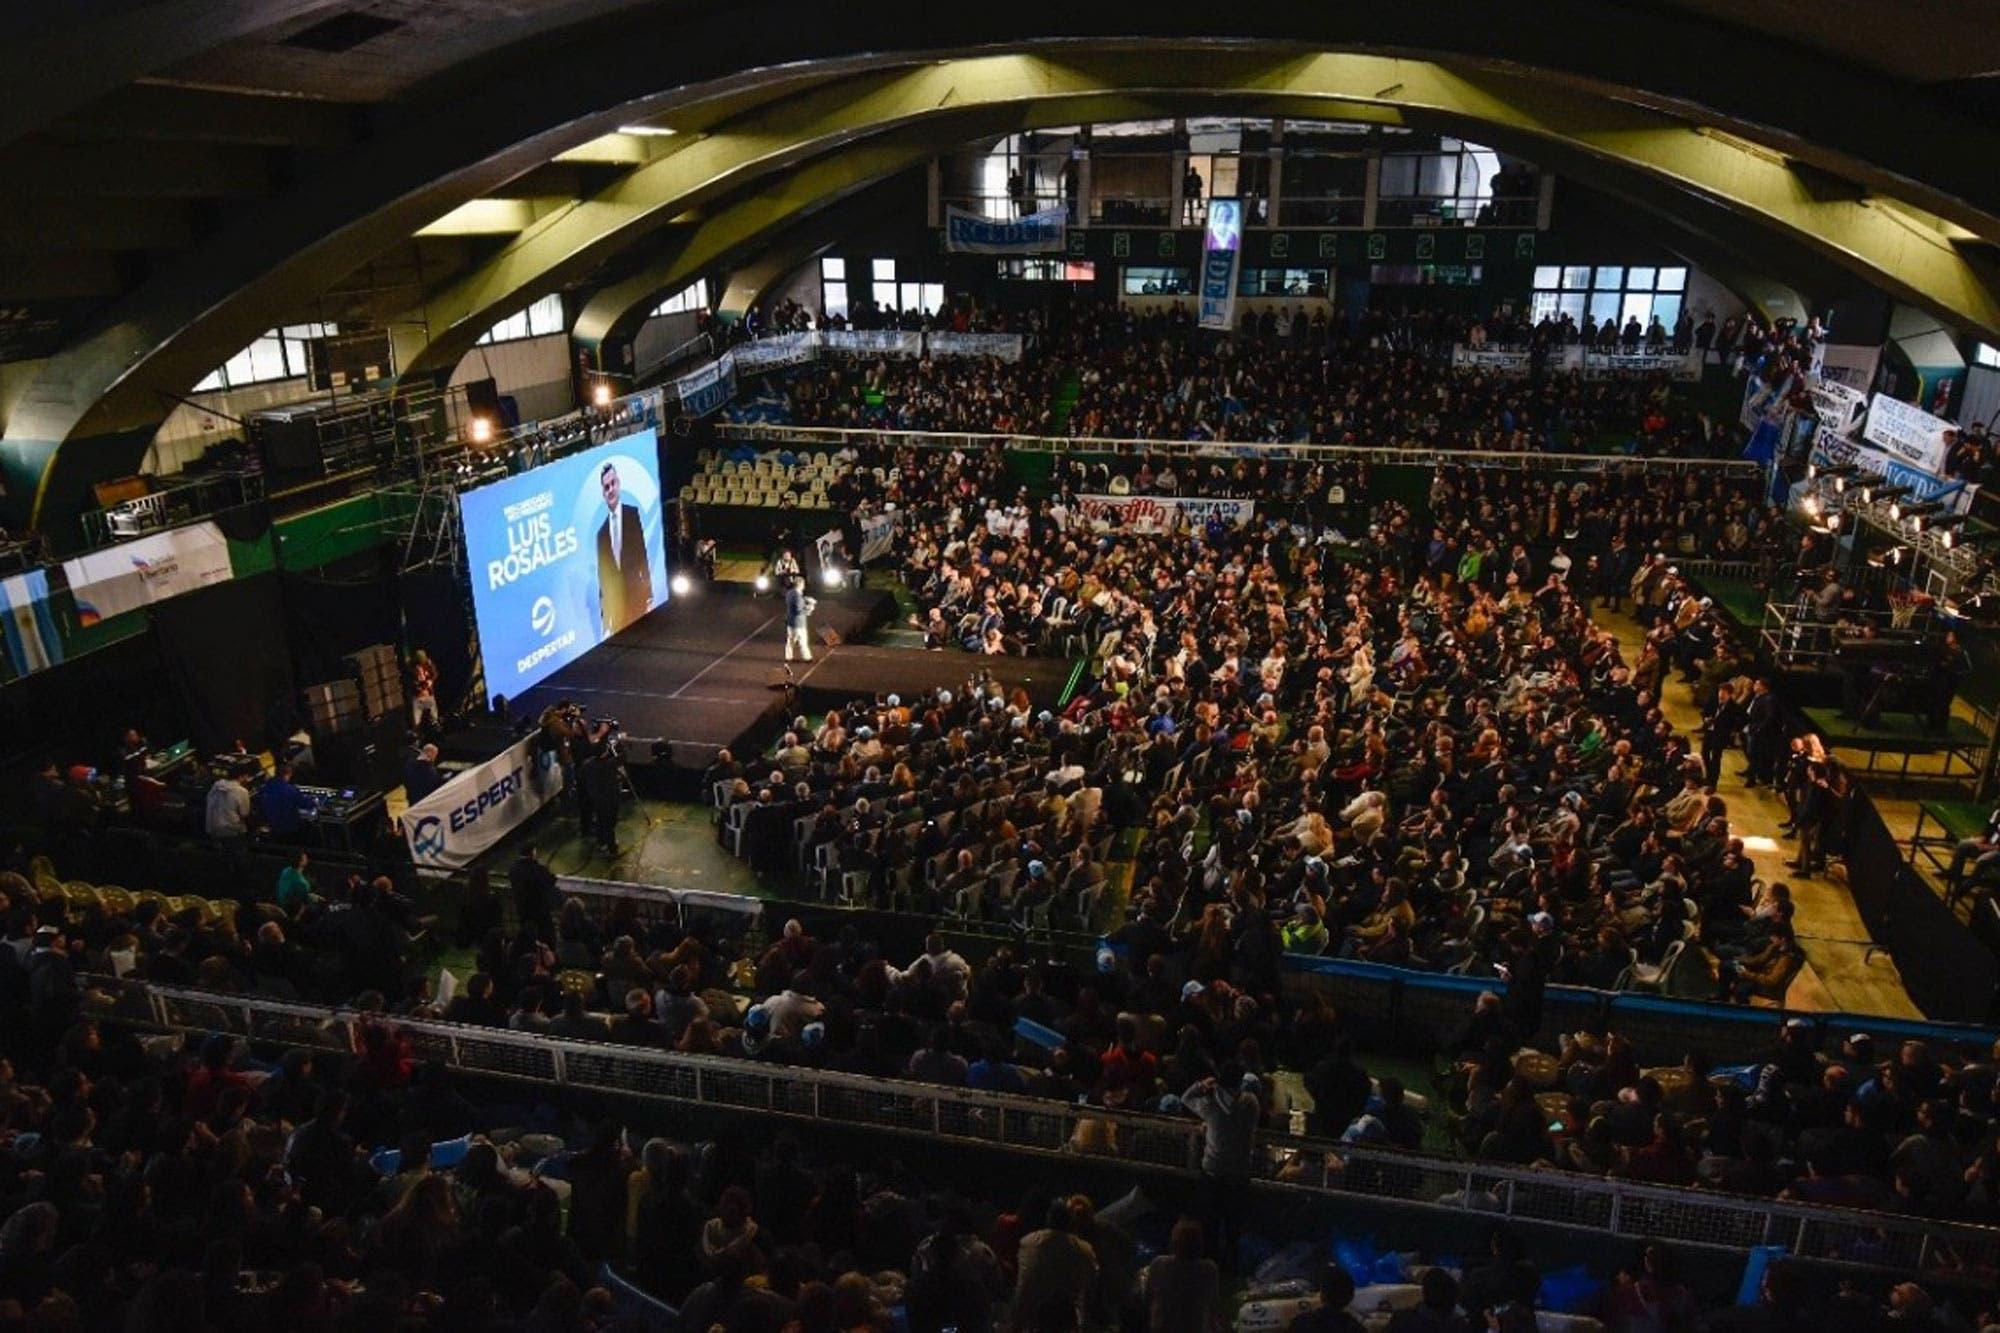 Con música de Rocky y pose de boxeador, José Luis Espert lanzó su campaña presidencial